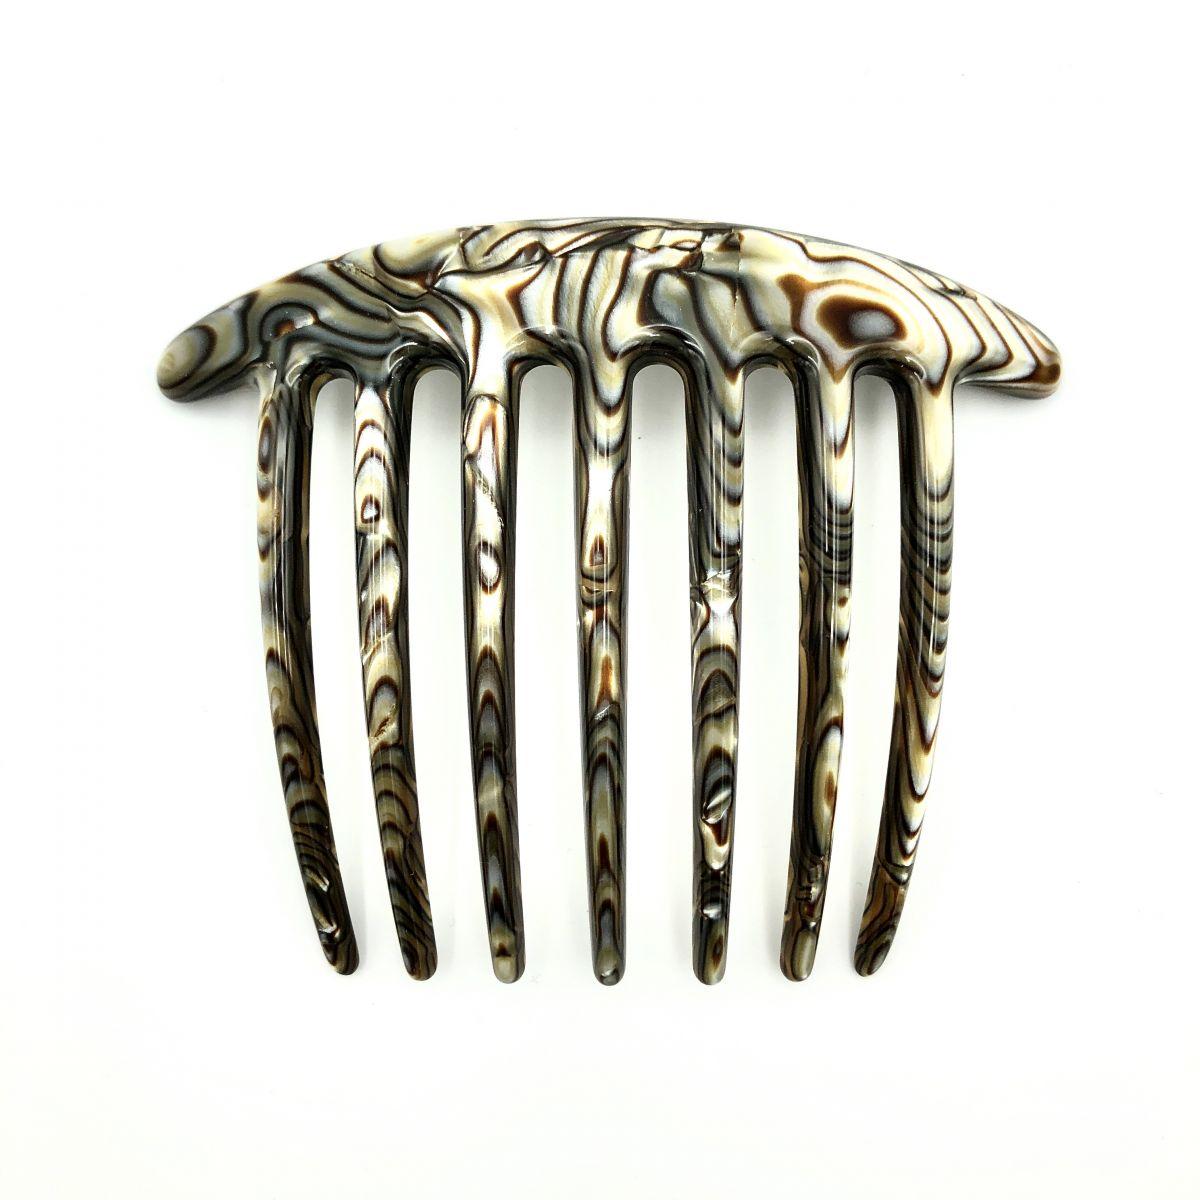 Steckkamm perlmutt/braun - extra lange Zähne - 10,5 cm